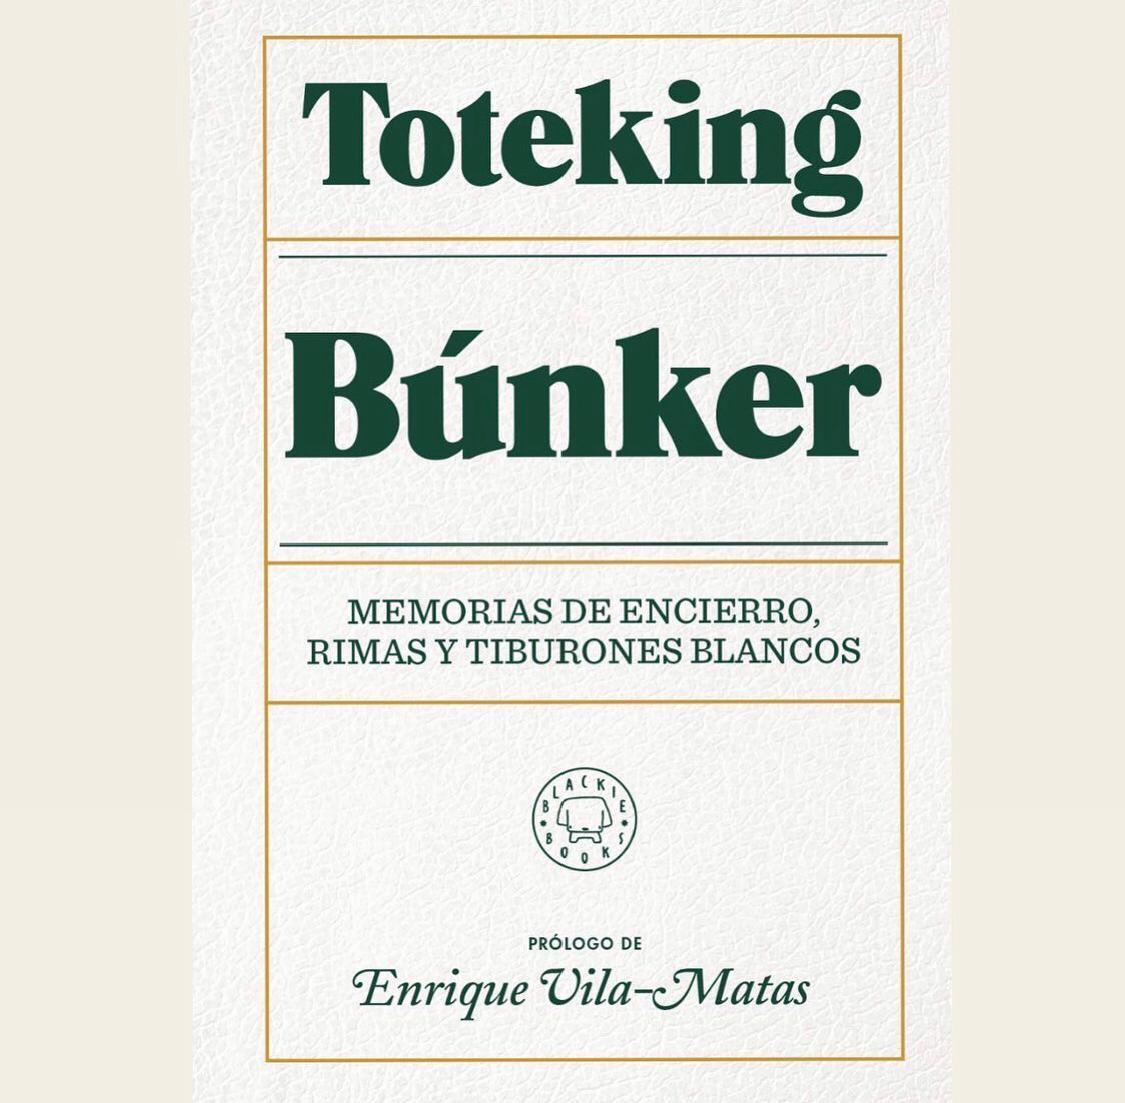 Fecha de lanzamiento de Búnker, el libro de Tote King